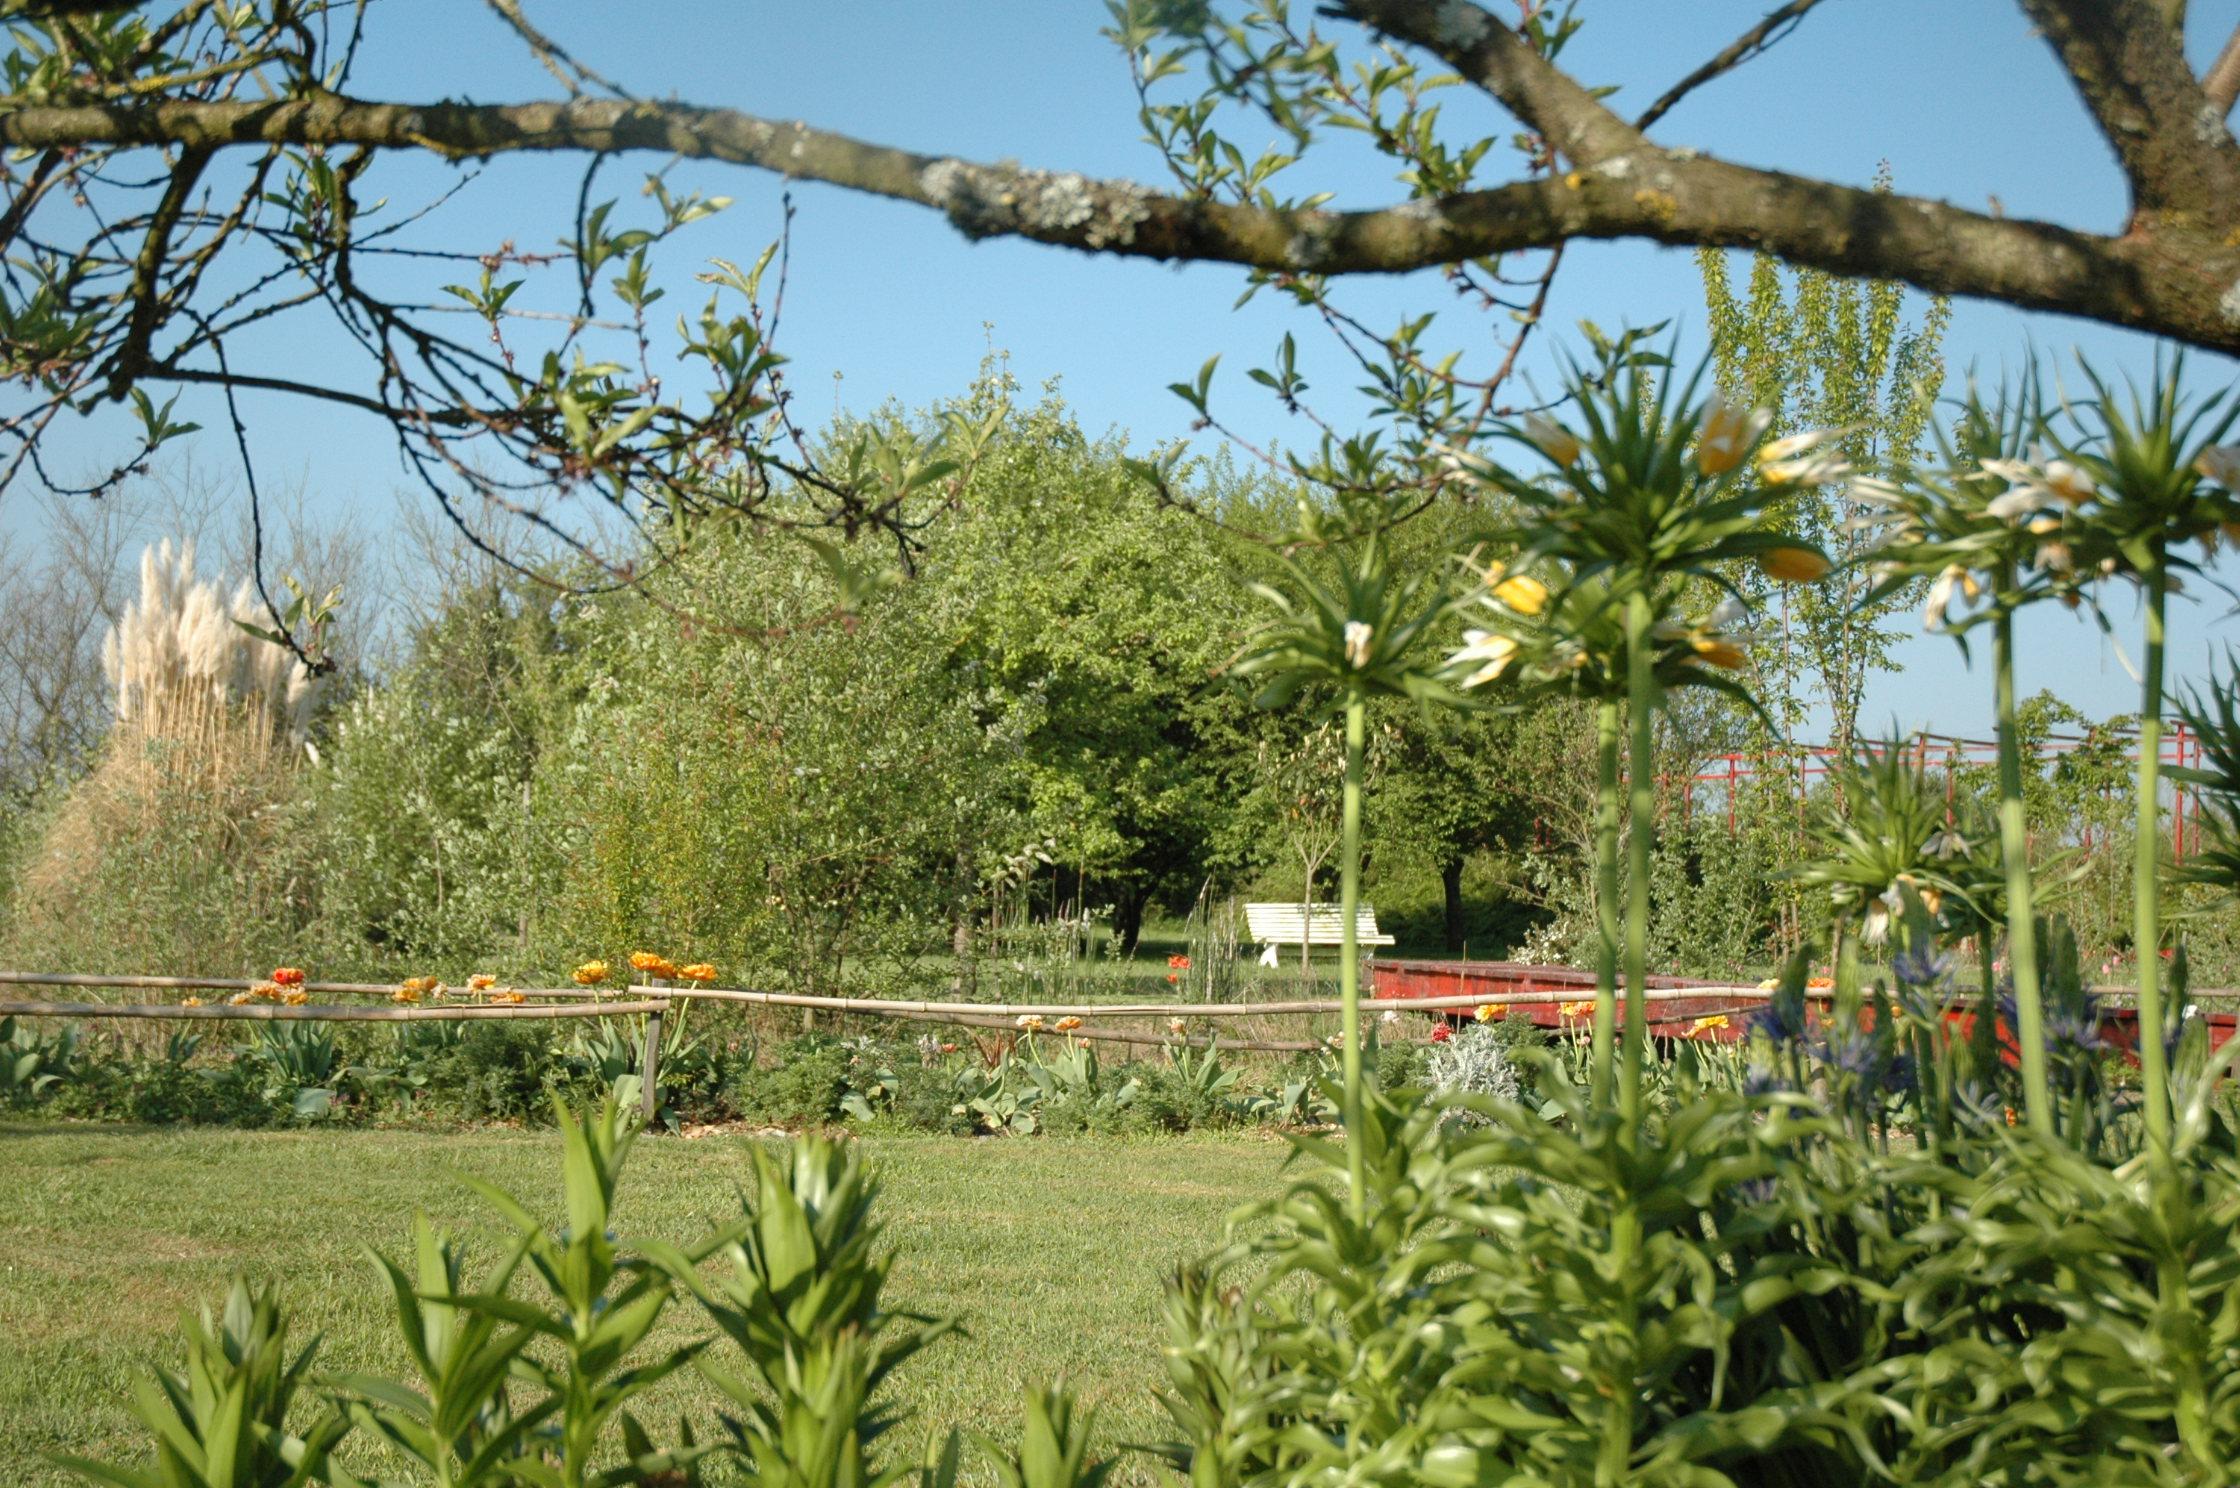 Jardin d 39 elis e association touristique centre auvergne - Jardin de chen ...